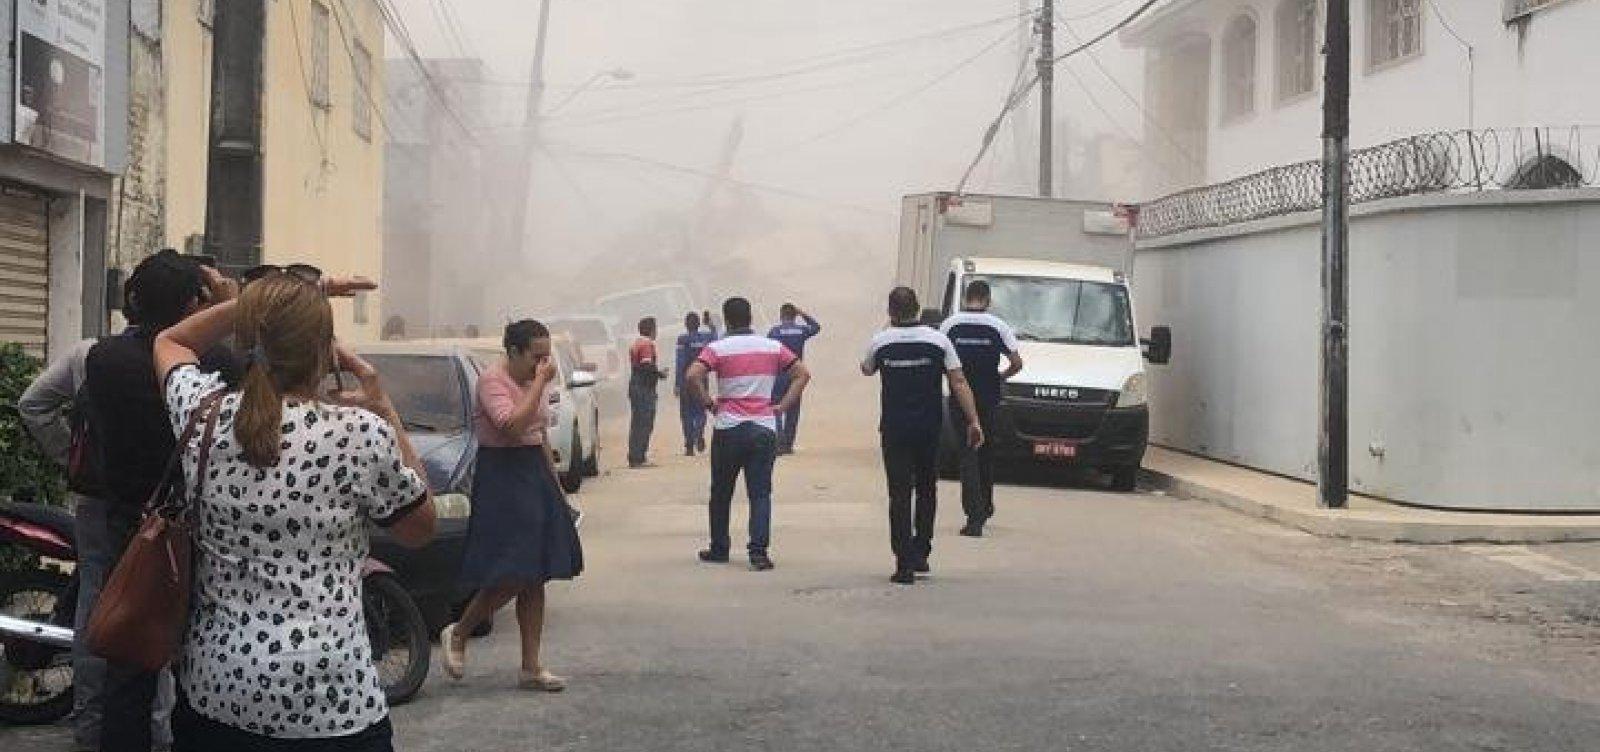 [Bombeiros confirmam terceira morte em desabamento de edifício em Fortaleza]